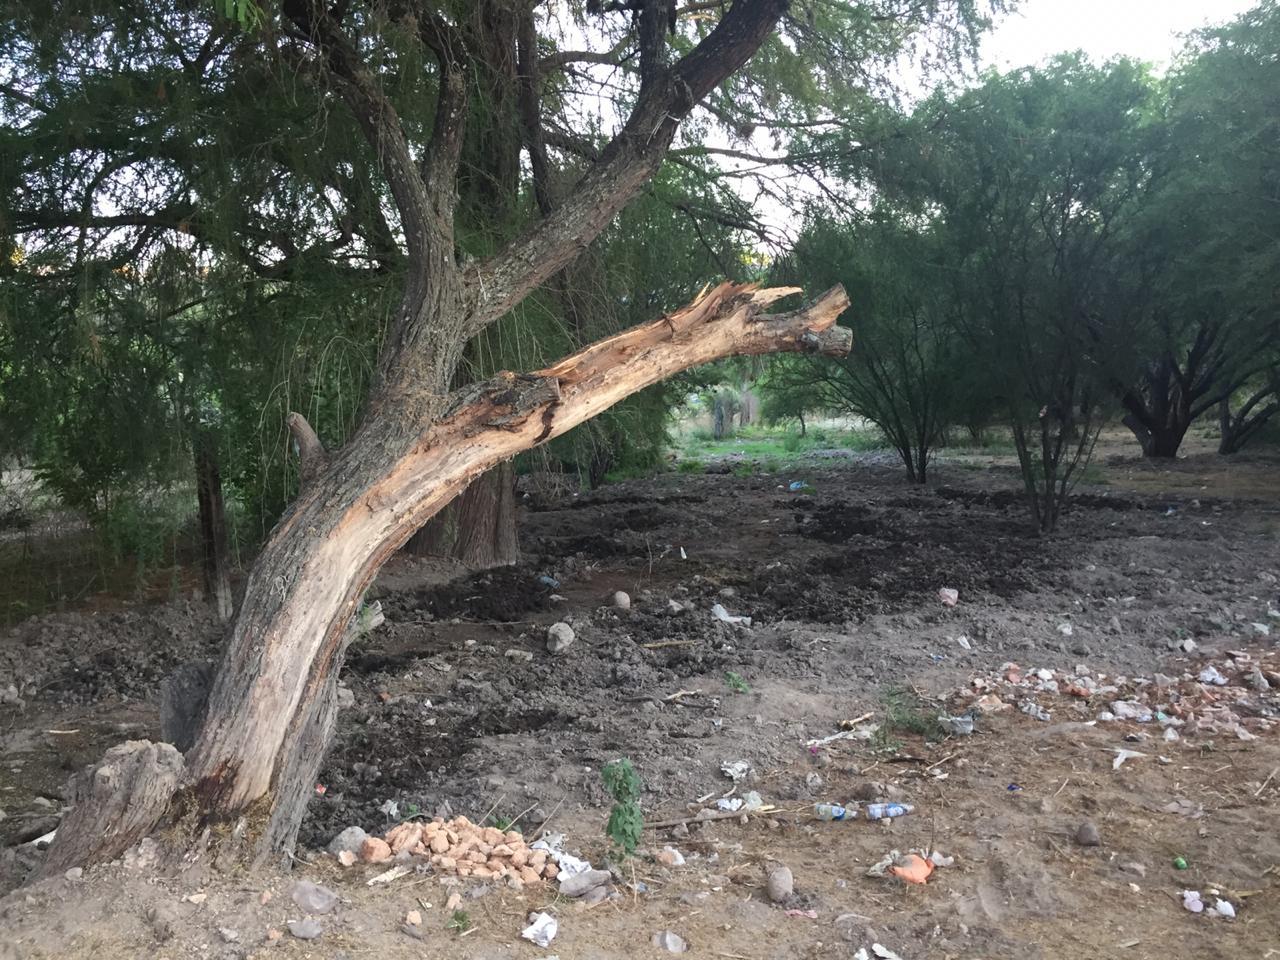 Terreno en Venta en la Colonia San Juan en Tequisquiapan, Queretaro CP. 76755